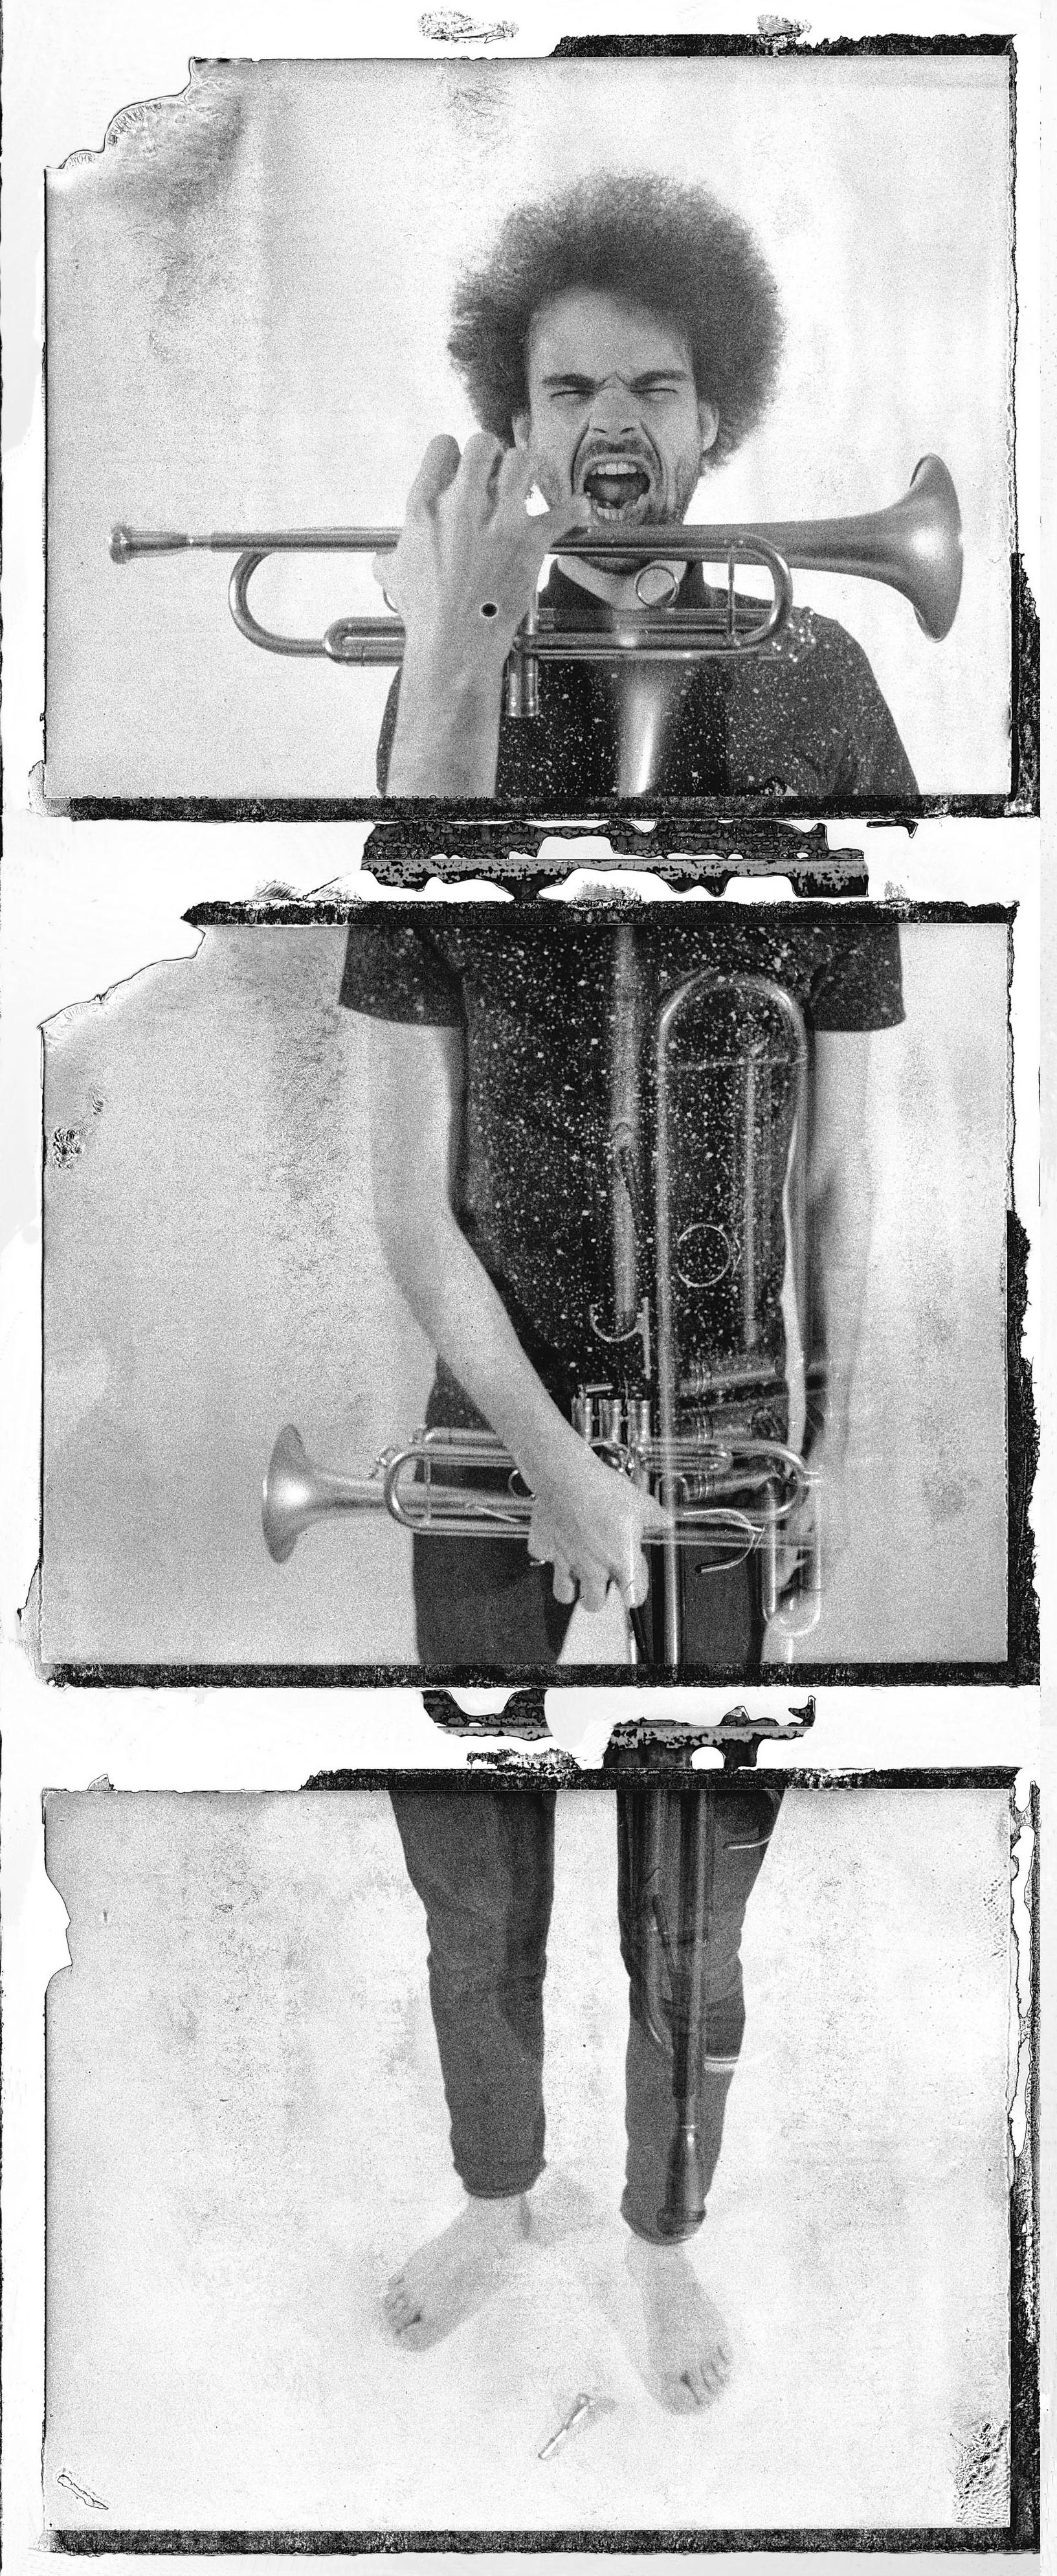 antonios polaroid collated 1 copy (5).jpg